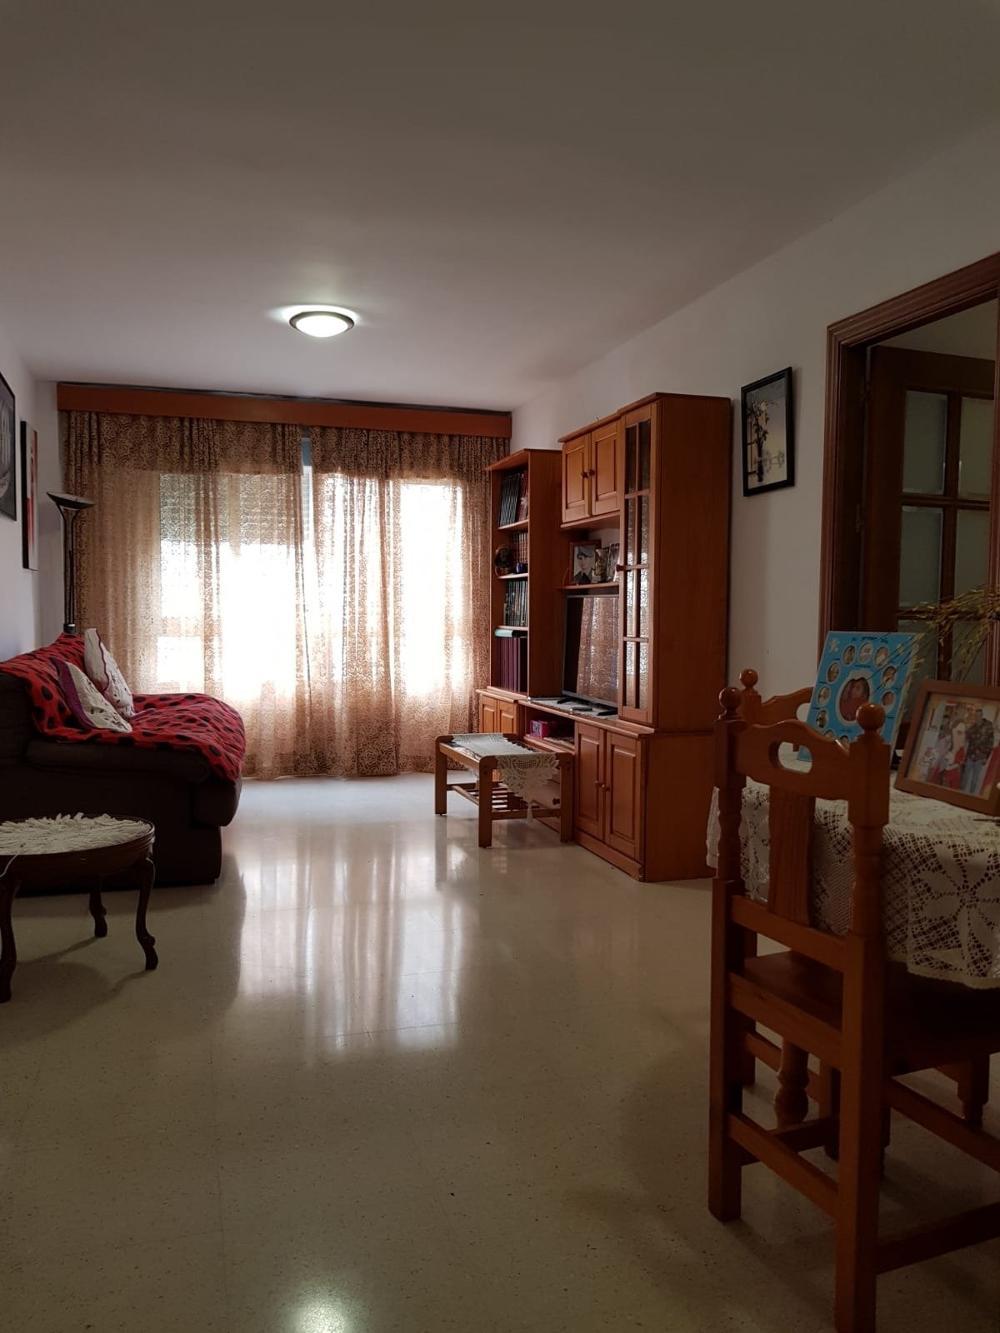 tarifa cádiz lägenhet foto 3659170